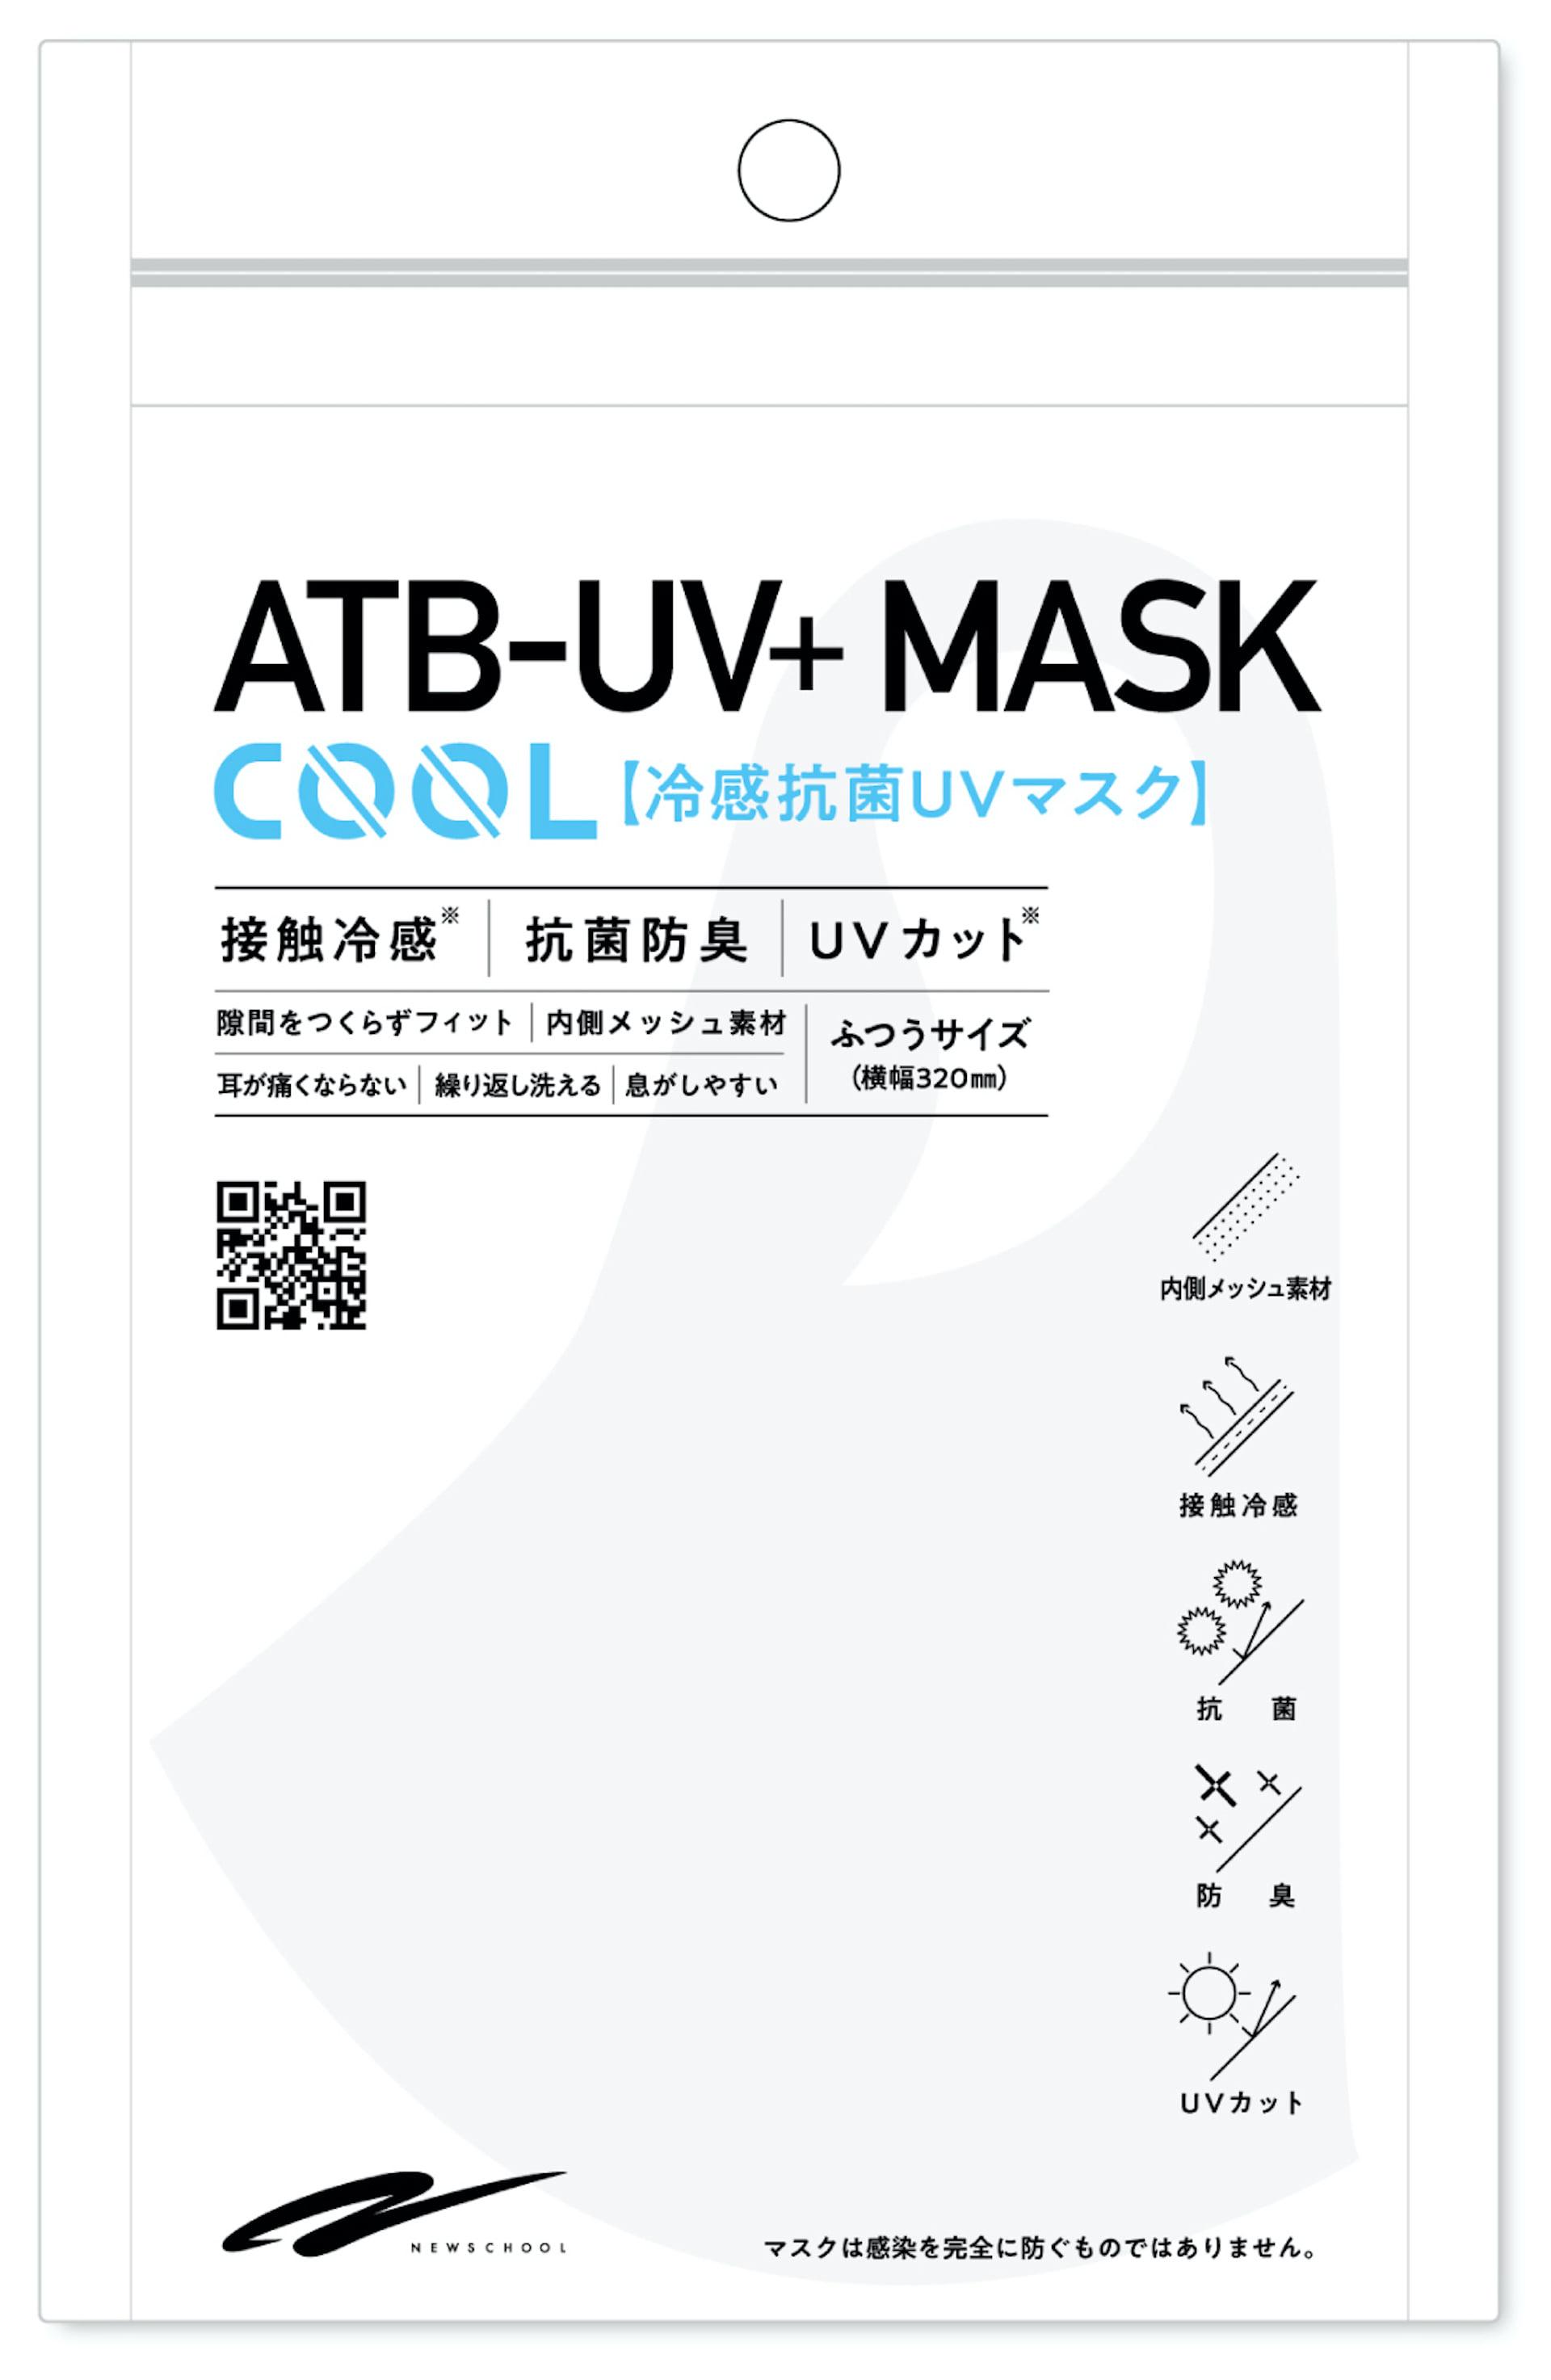 夏用の冷感抗菌UVマスク『ATB-UV+MASK COOL』がNEWSCHOOLにて発売|表参道のポップアップストアは明日スタート lf200721_newschool-mask_9-1920x2946